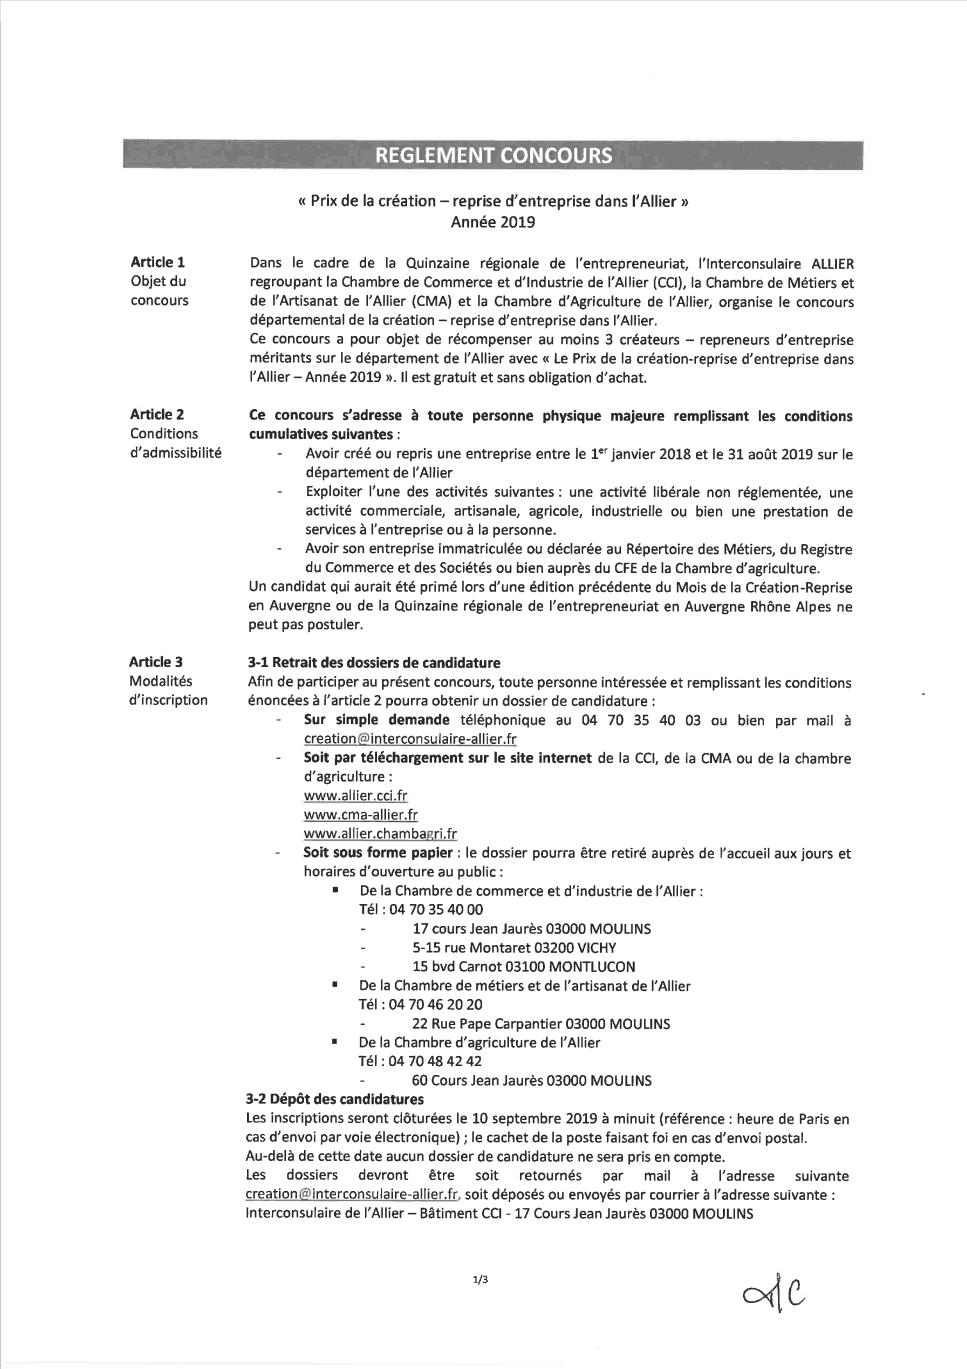 Dossier de candidature - Concours CCi reprise et création d'entreprise 2019